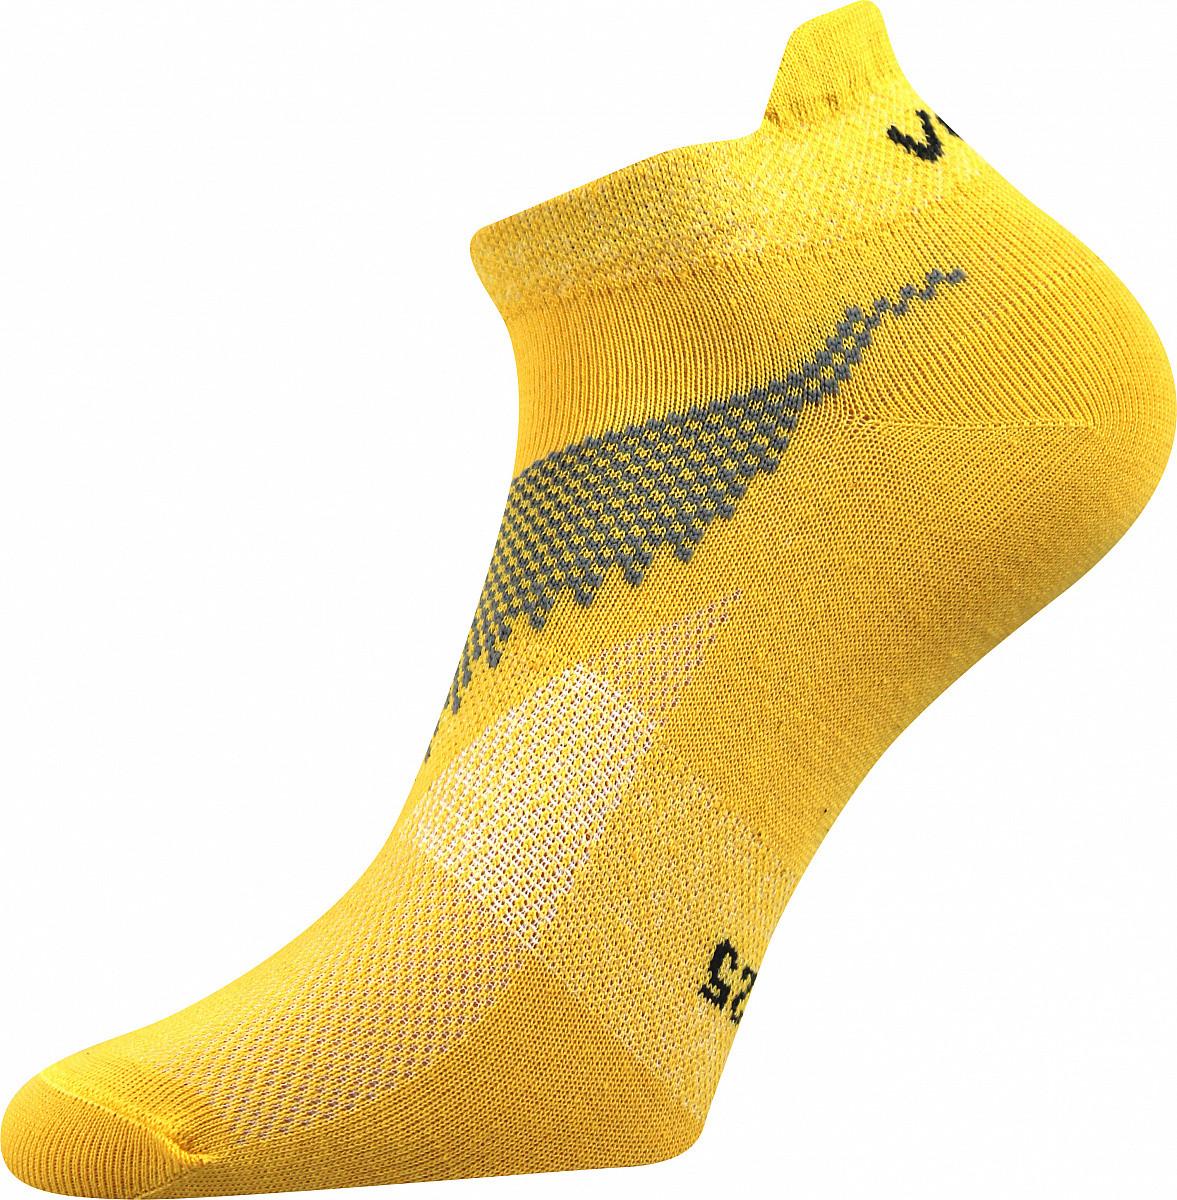 VoXX Barevné ponožky Iris žluté - 35-38